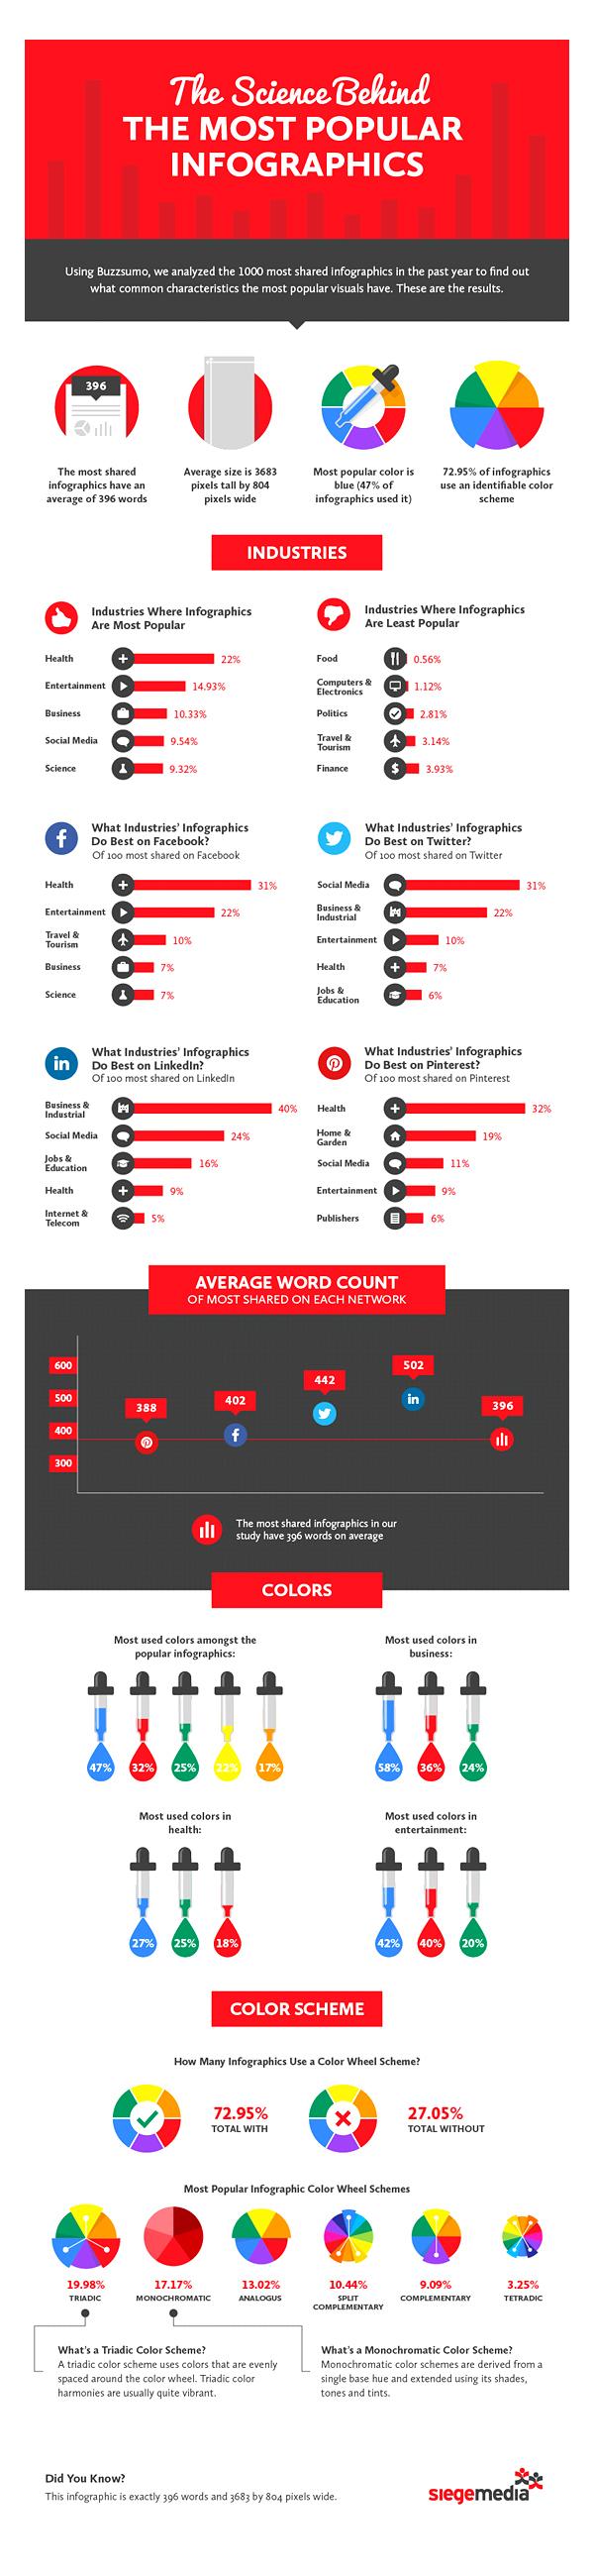 Les infographies Comment en expliquer scientifiquement l'influence sur les médias sociaux